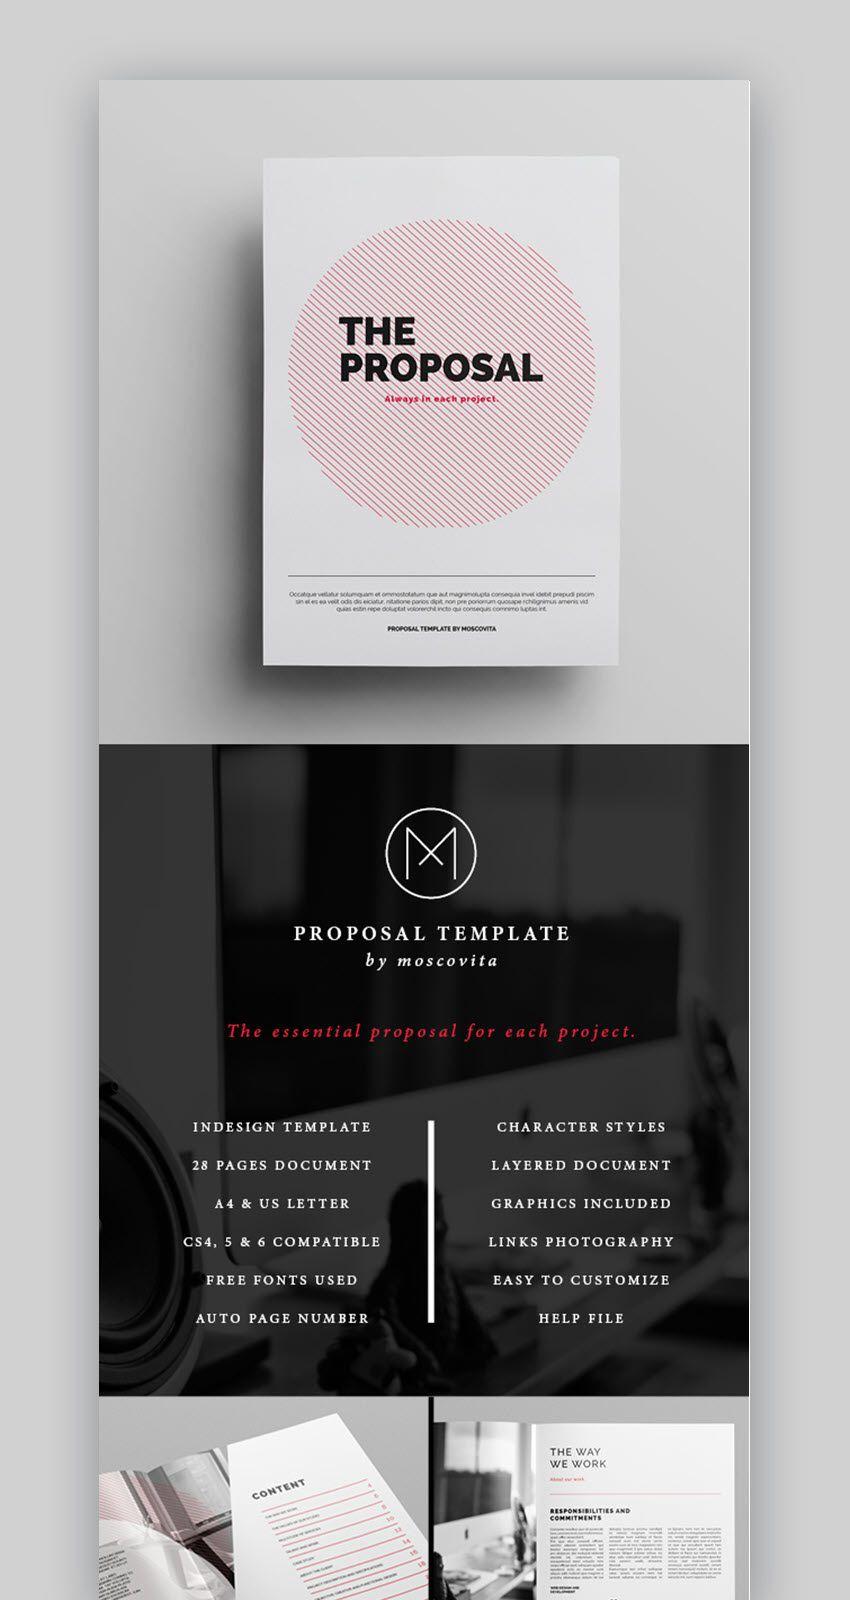 006 Singular Graphic Design Proposal Sample Inspiration  Pdf Free Template IndesignFull